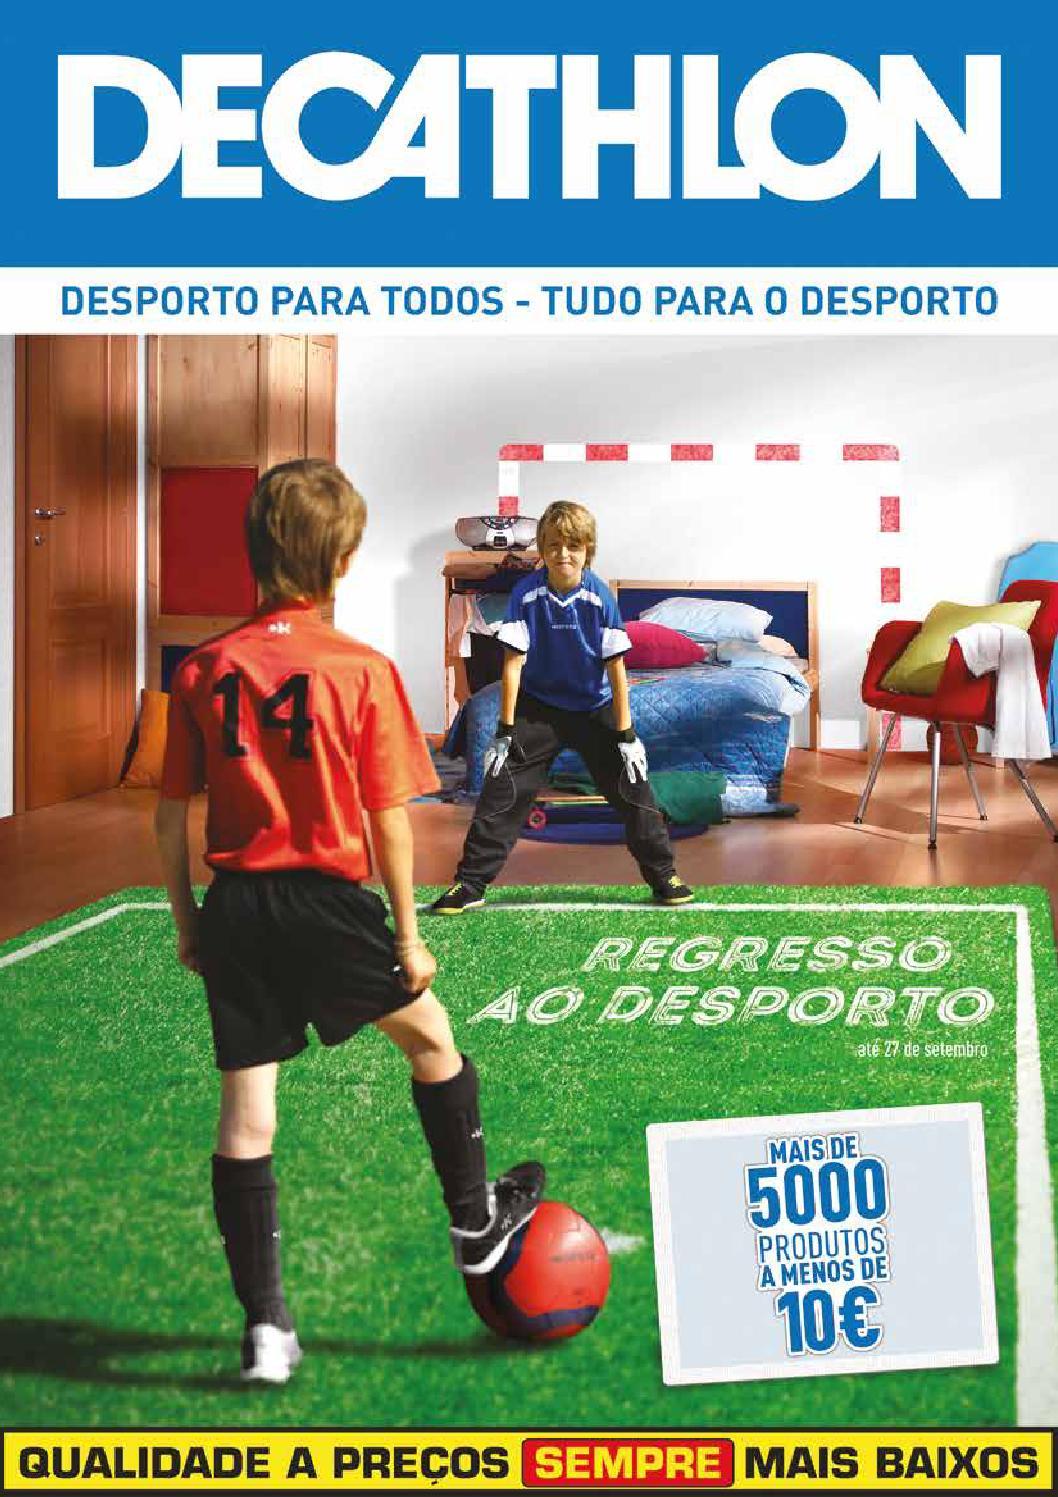 39862f3a0 Decathlon - Regresso ao desporto 2015 by Decathlon Portugal - issuu